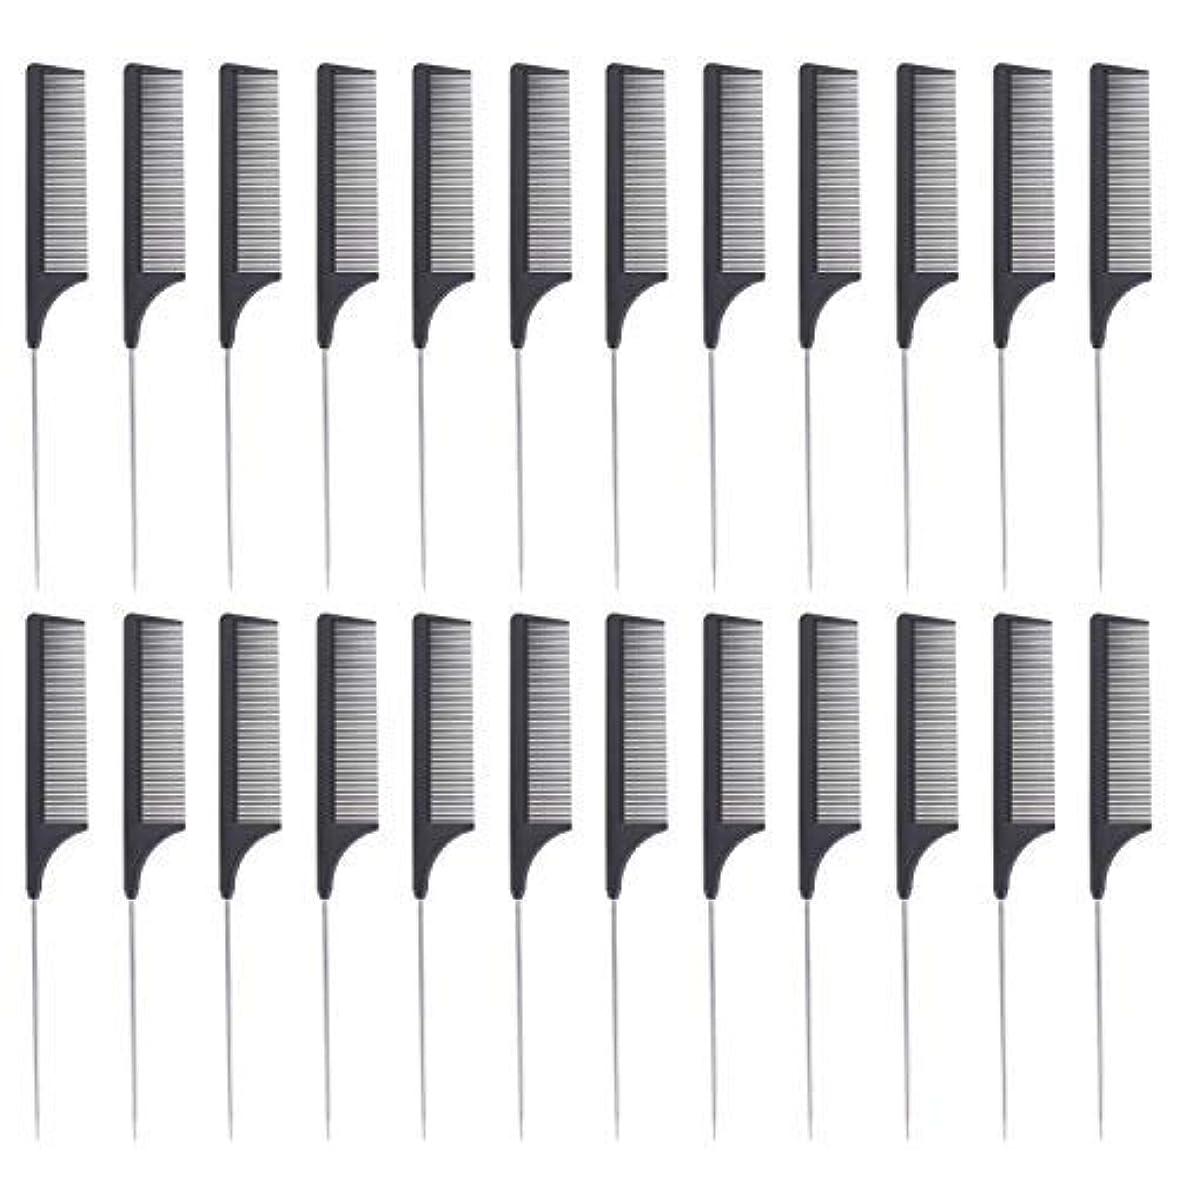 激しい精神マラドロイト24 Pieces Comb Black Tail Styling Comb Chemical Heat Resistant Teasing Comb Carbon Fiber Hair Styling Combs for...